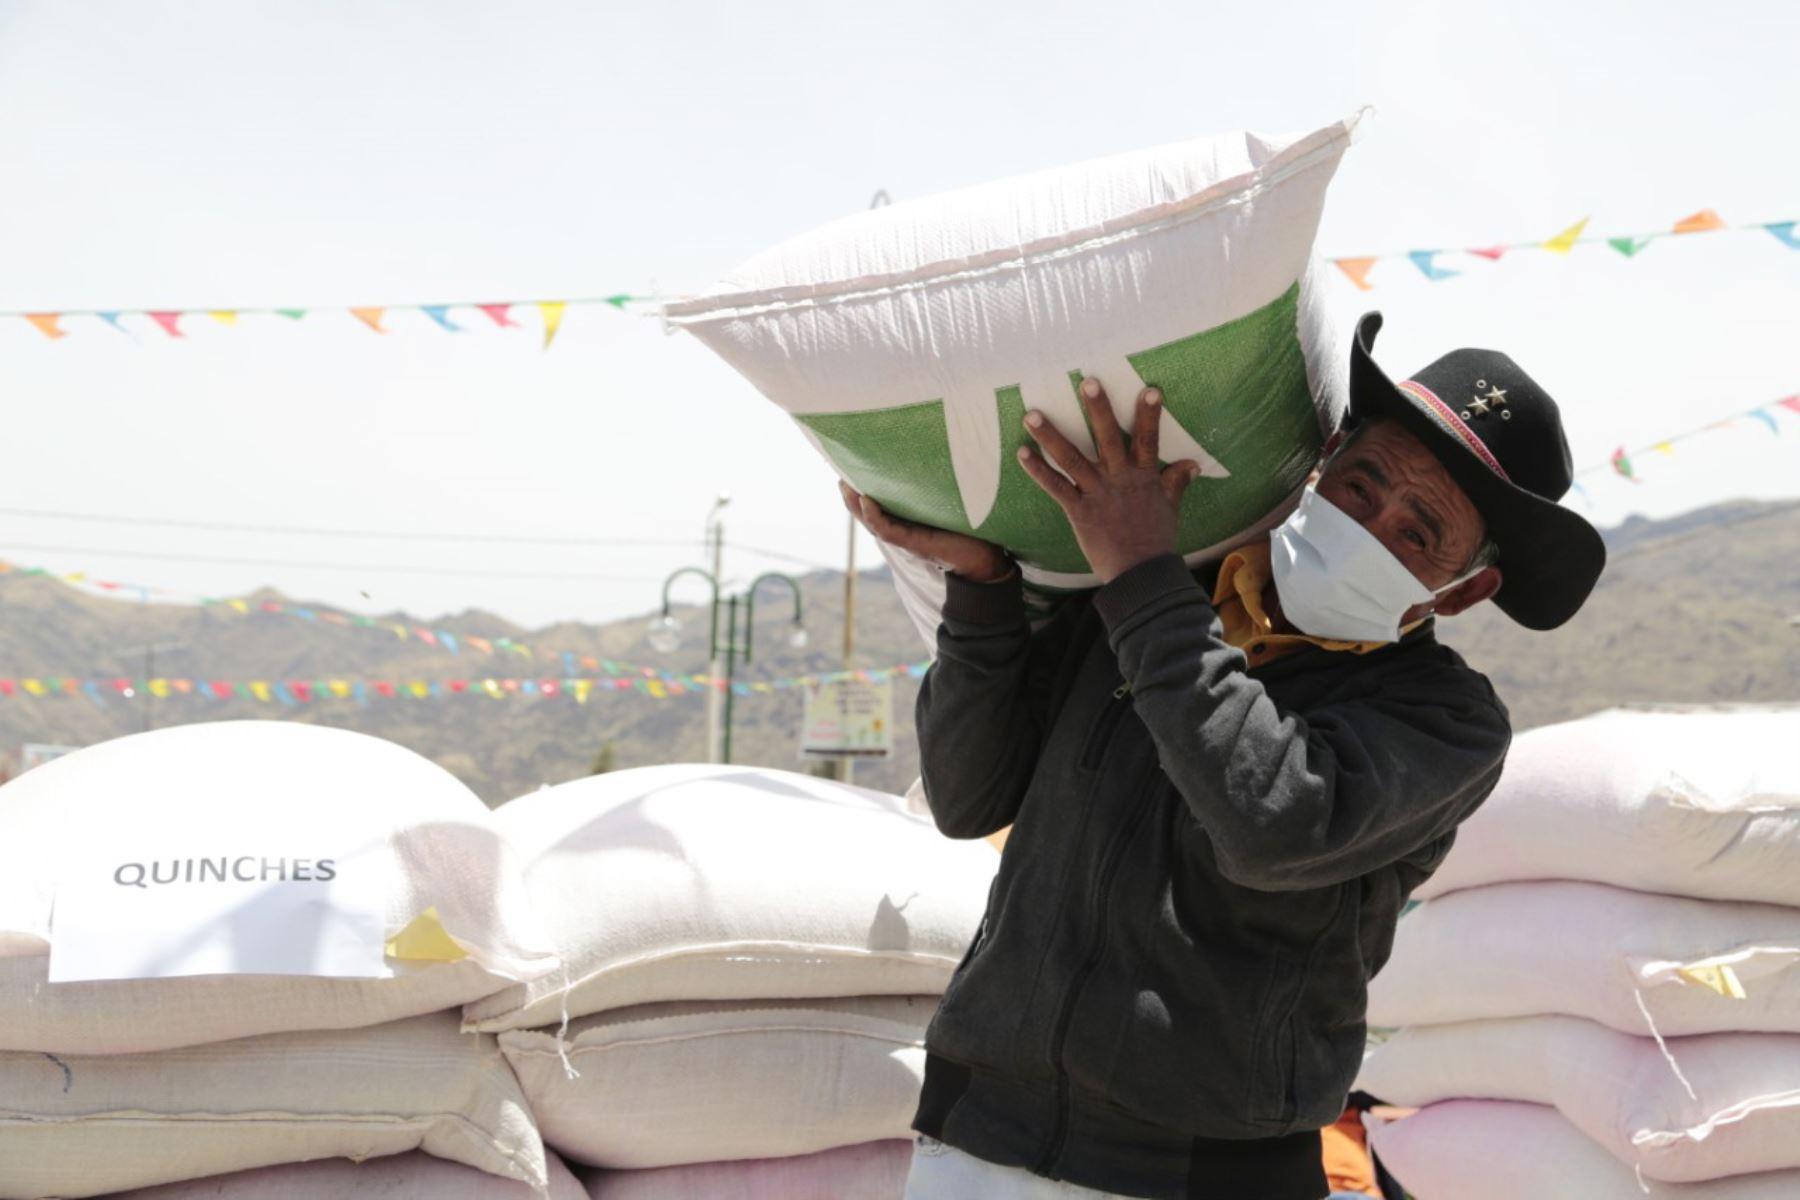 Agro Rural ha destinado un total de 1´366 484 millones de soles para la ejecución de esta campaña 2020-2021; con ello se prevé dinamizar la economía local, sobre todo en las pequeñas comunidades de las provincias. Foto: Minagri